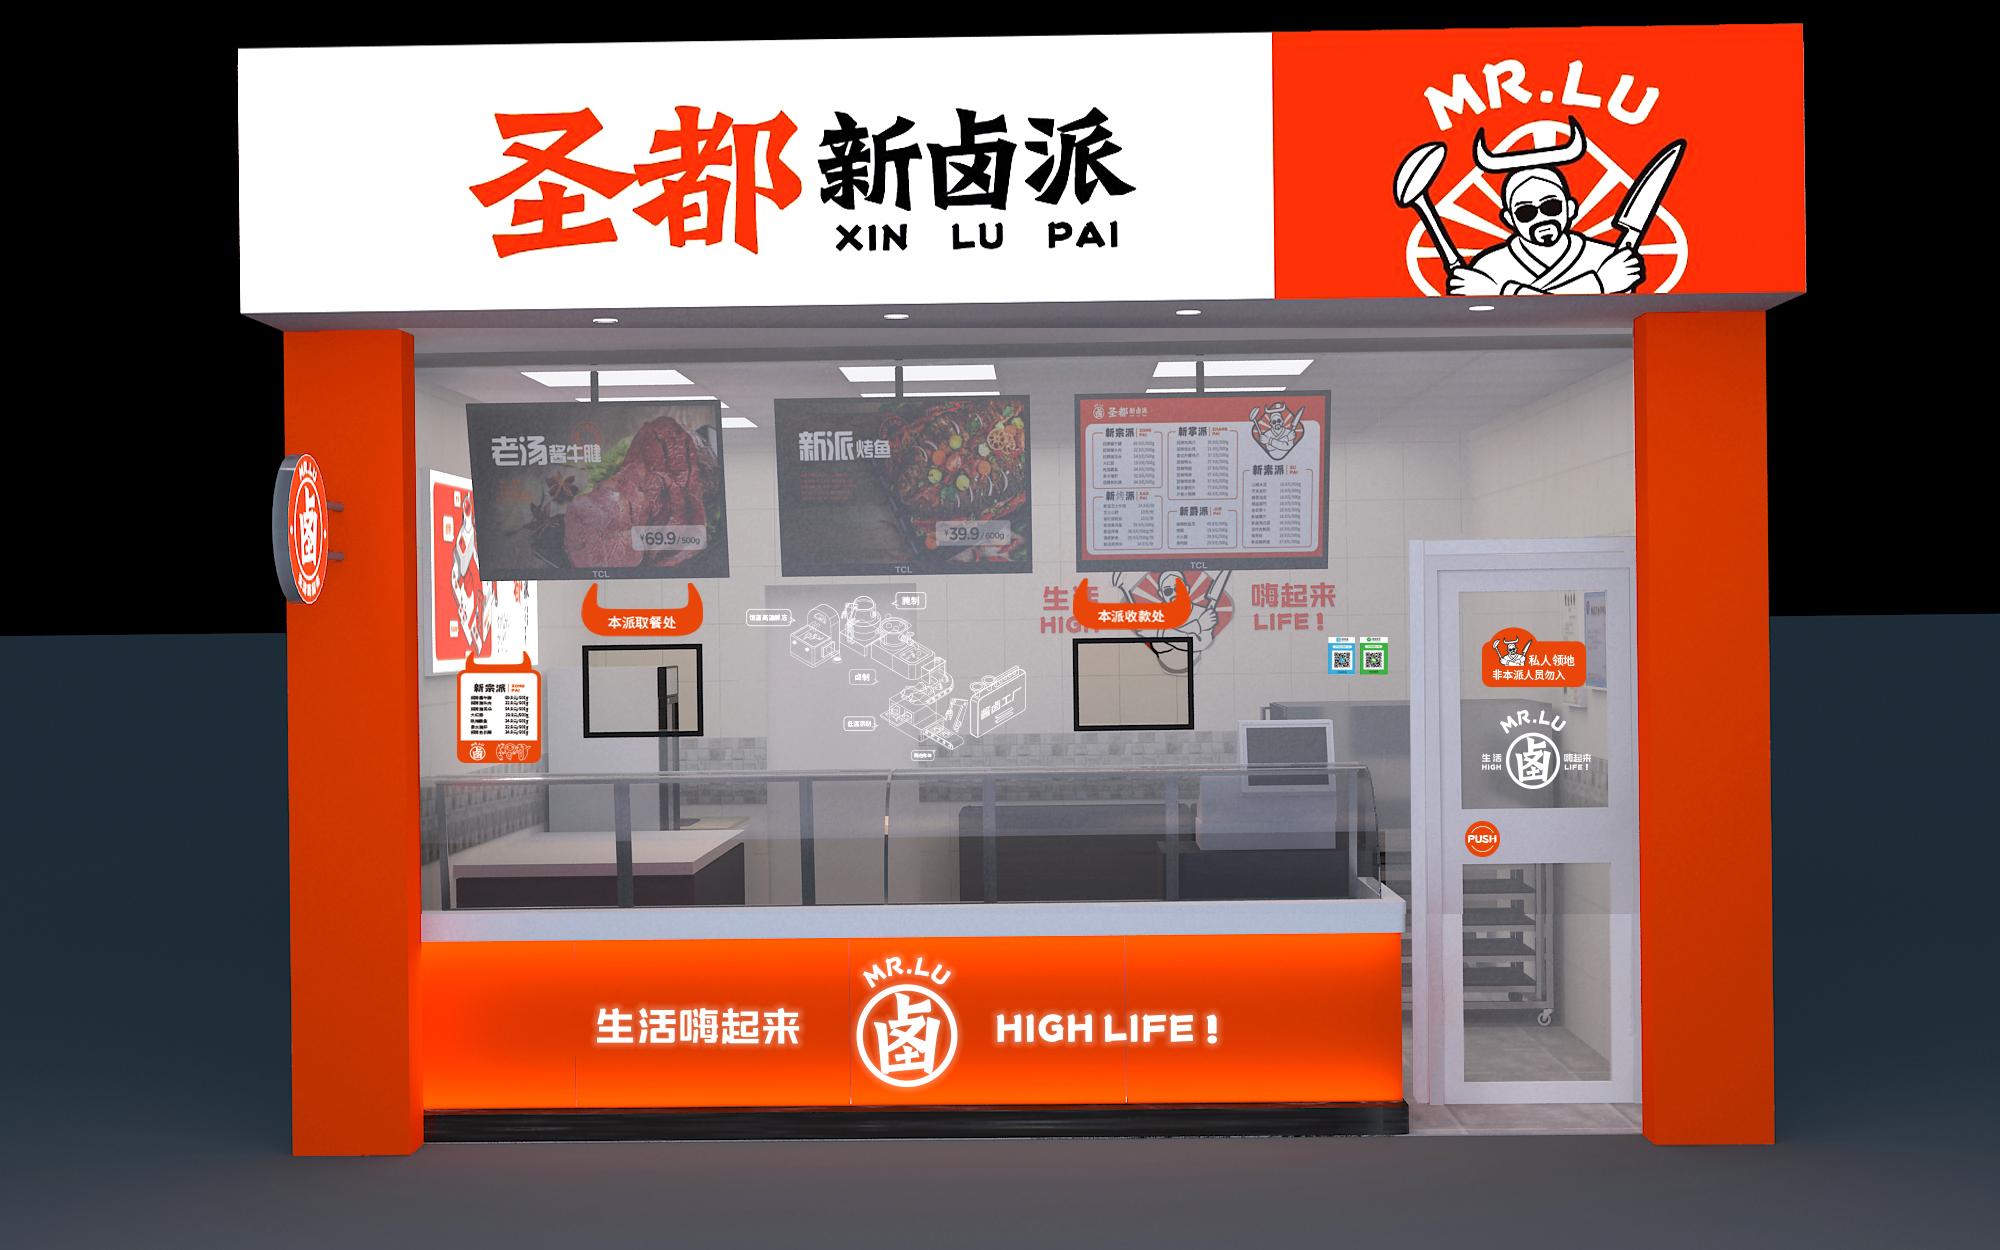 上海策划一个餐饮品牌,需要多少钱?